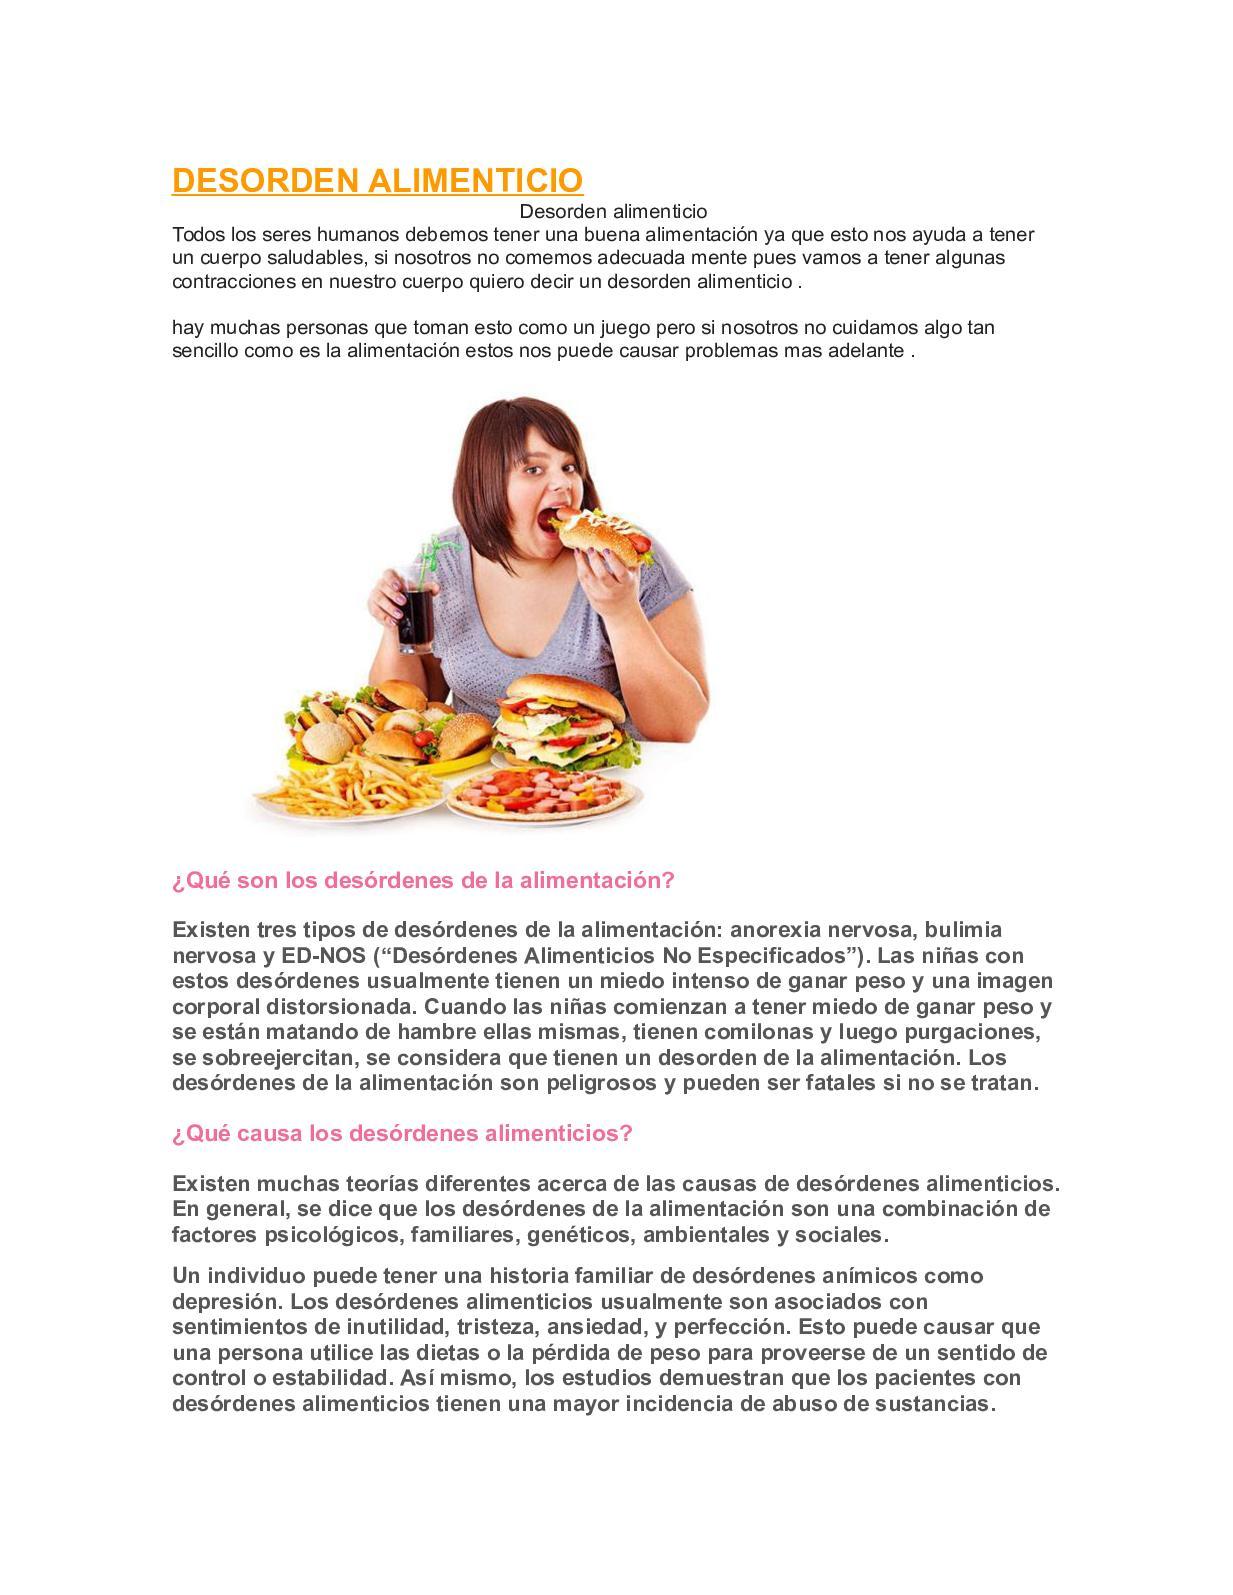 que causa los desordenes alimenticios